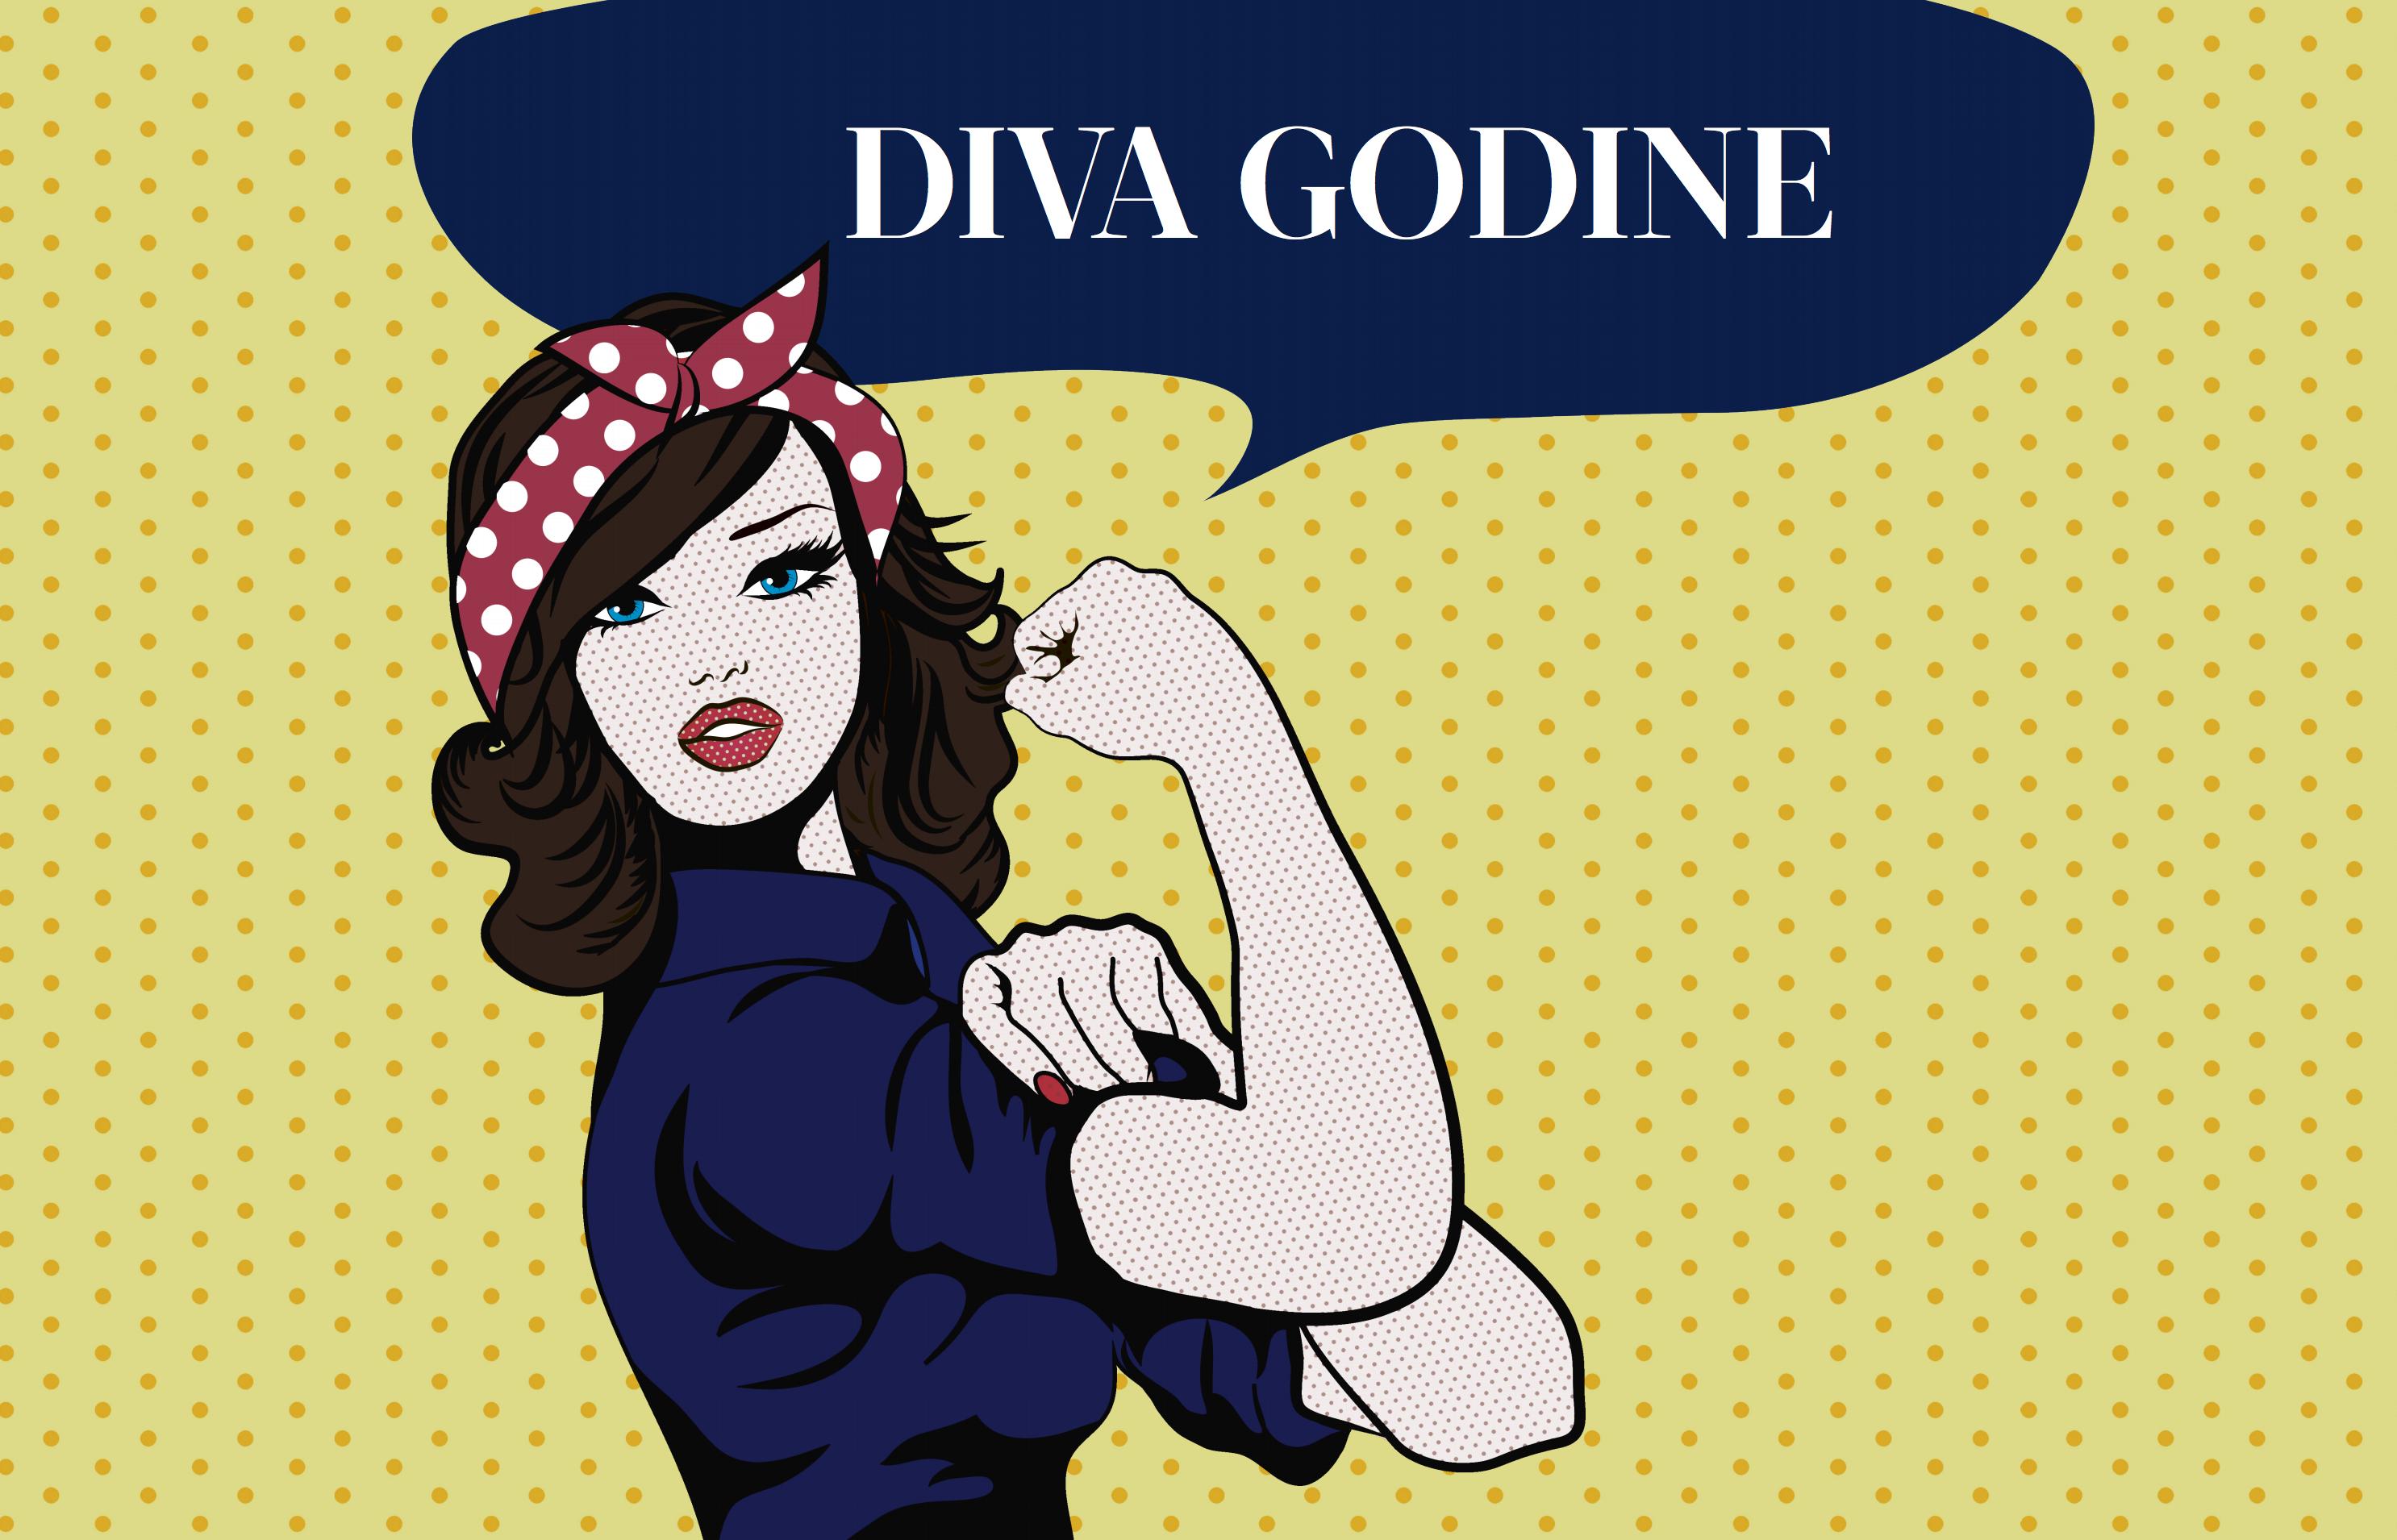 Ponovno kreće projekt Diva godine: Nominirajte iznimne žene iz svoje okoline!